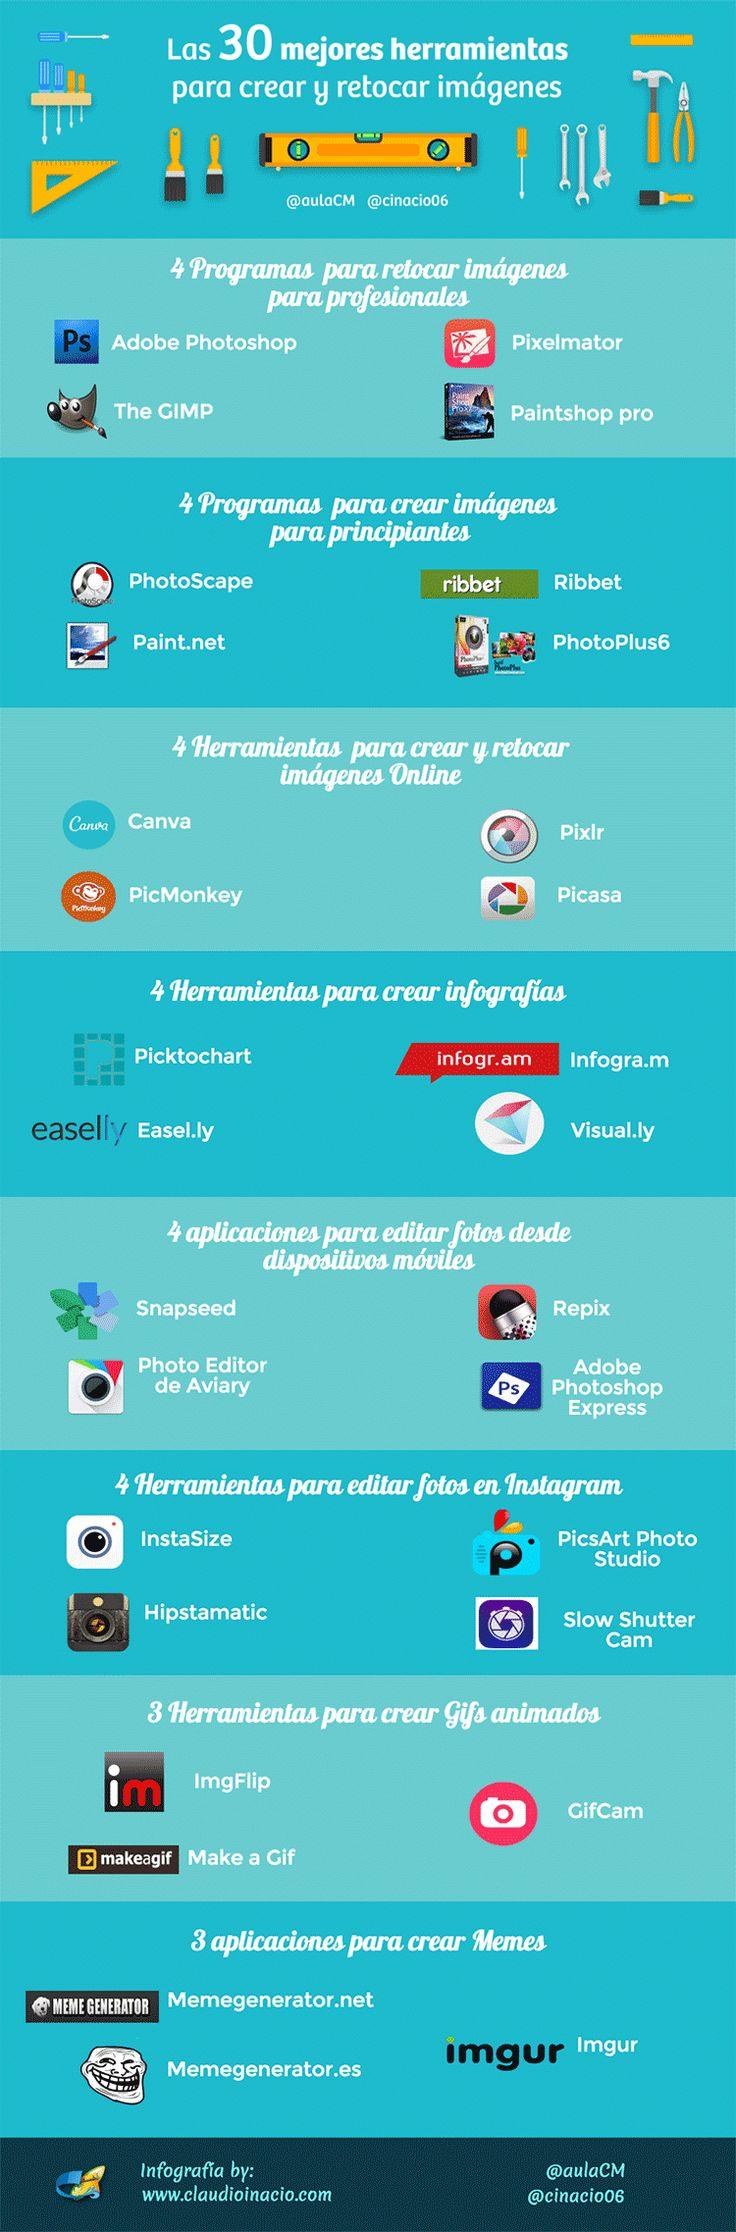 """Hola: Compartimos una interesante infografía sobre """"30 Herramientas en Línea para Editar Imágenes"""" Un gran saludo.  Visto en: aulacm.com  También le puede interesar: 5 Herramientas en l..."""